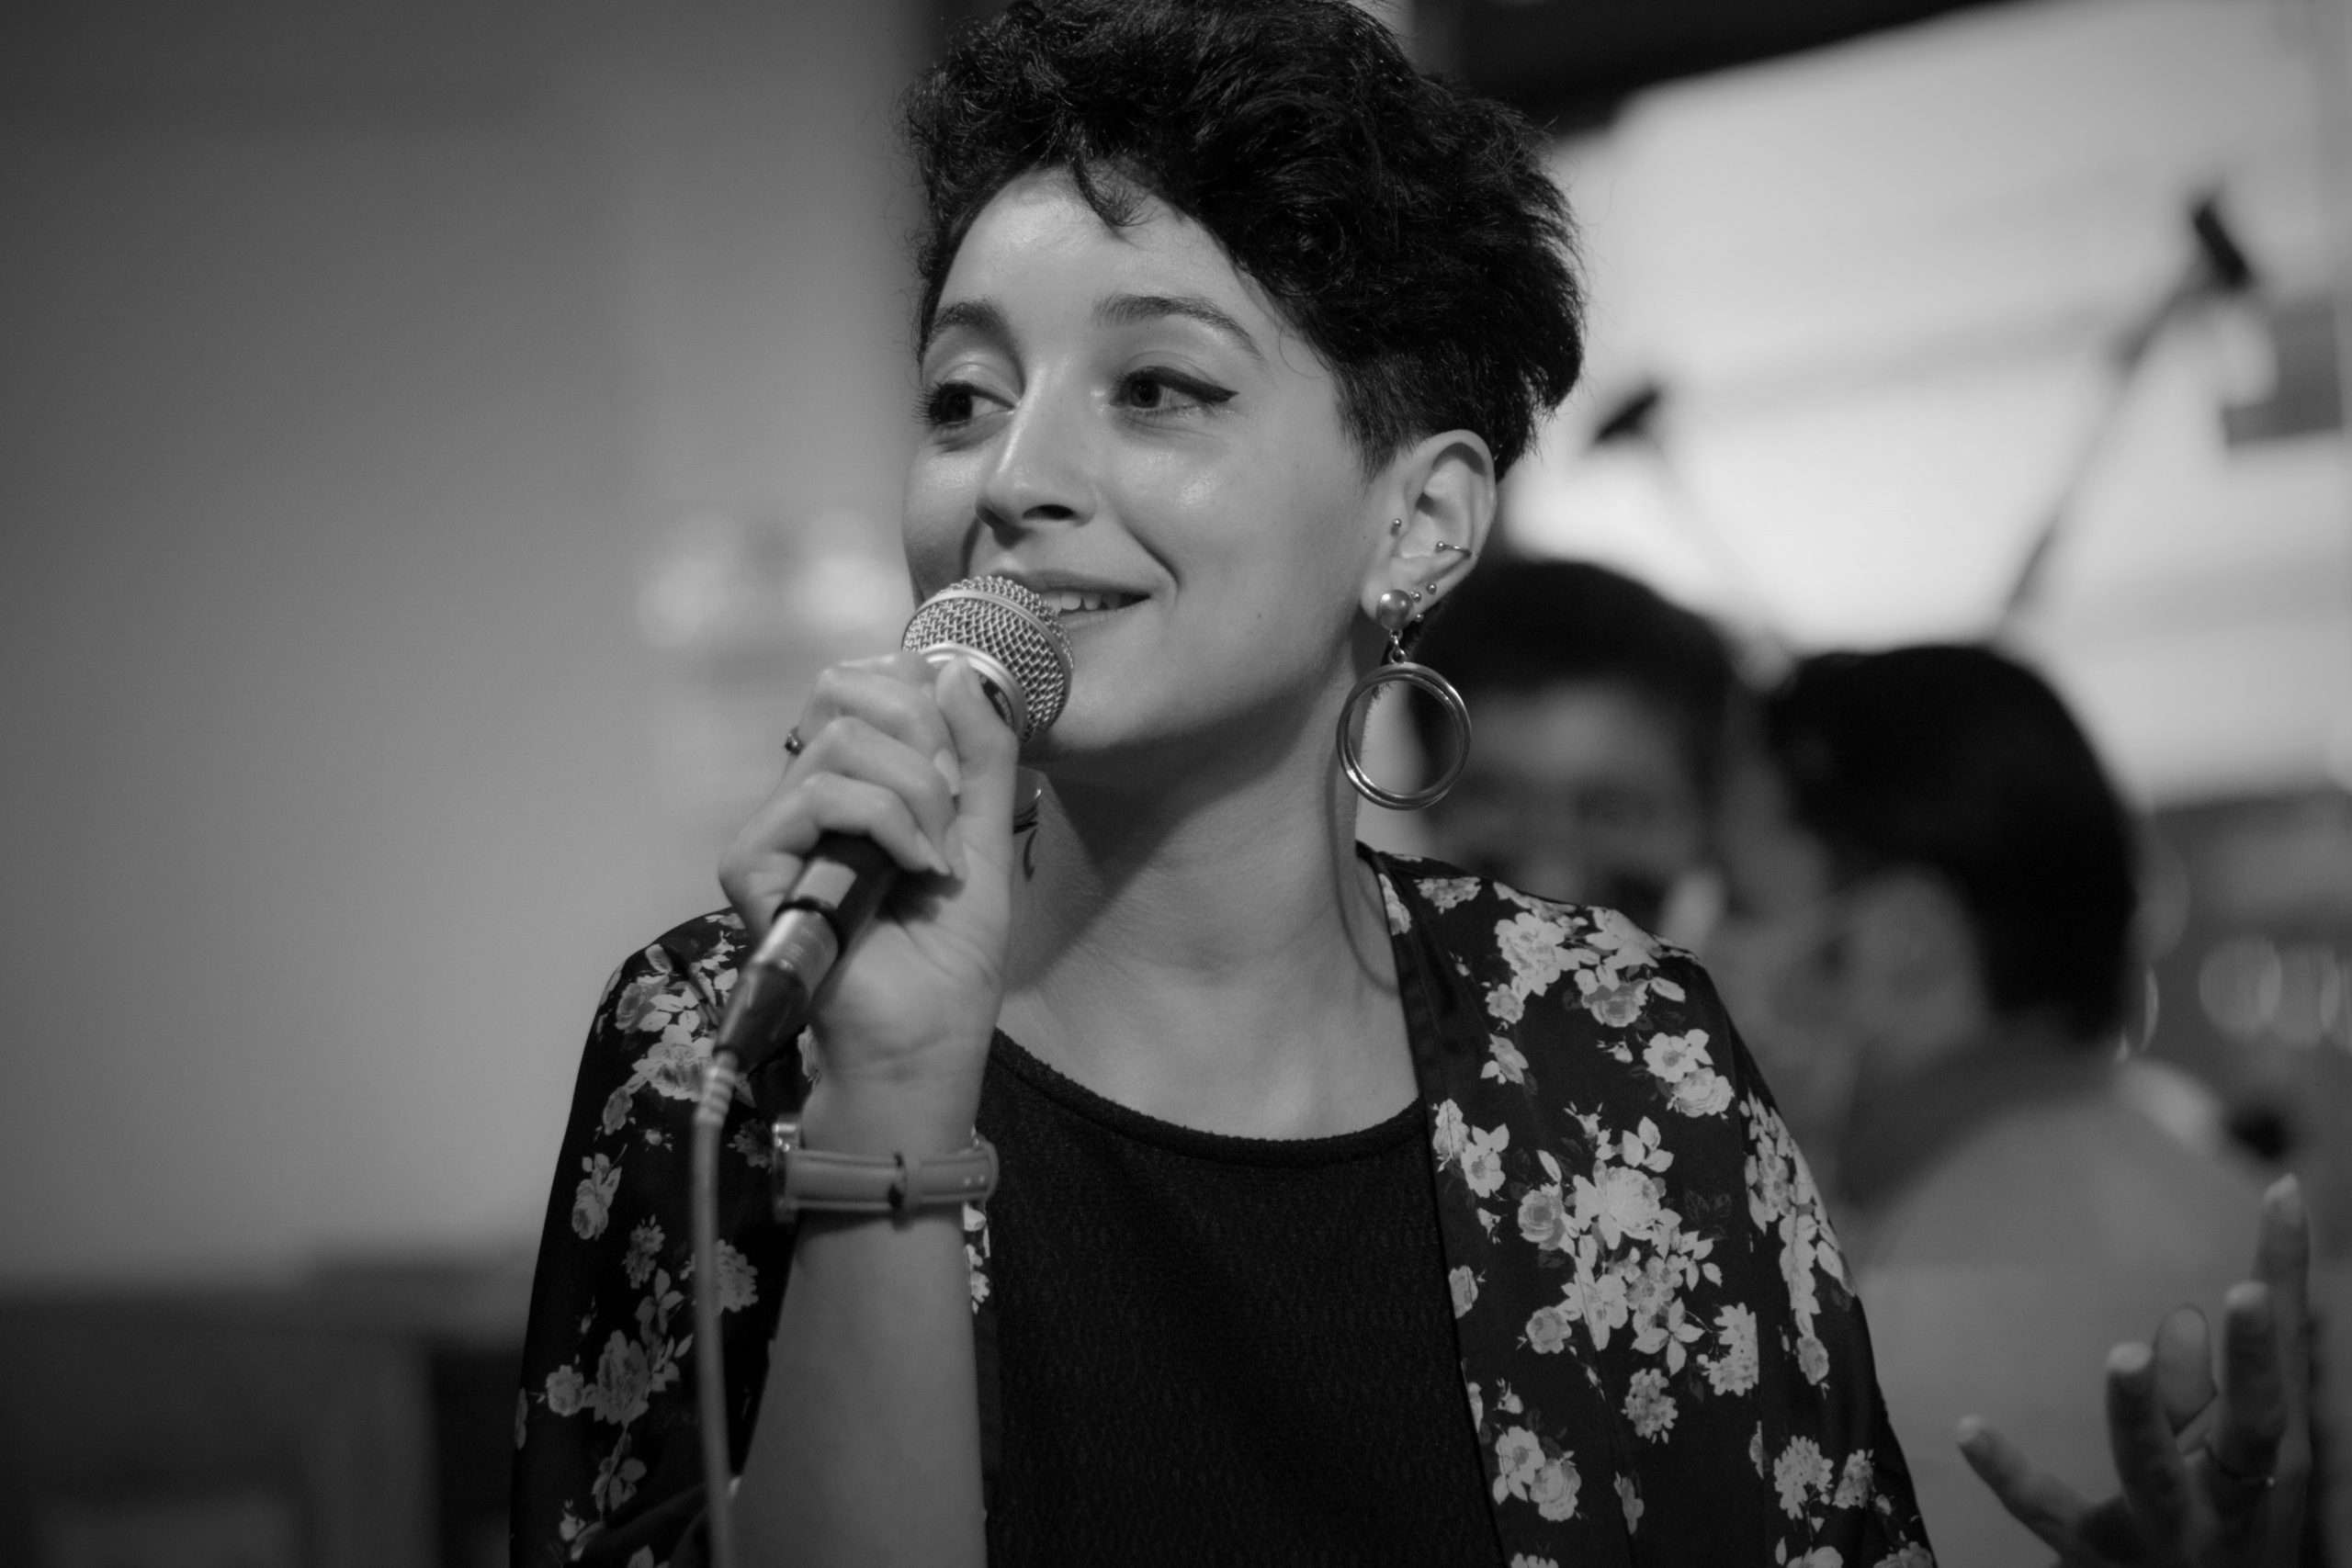 Renda Belmallem Conférence La Base Alternatiba Collectif Adama Paris 2020 @Martin Lelievre pour Radio Parleur_40